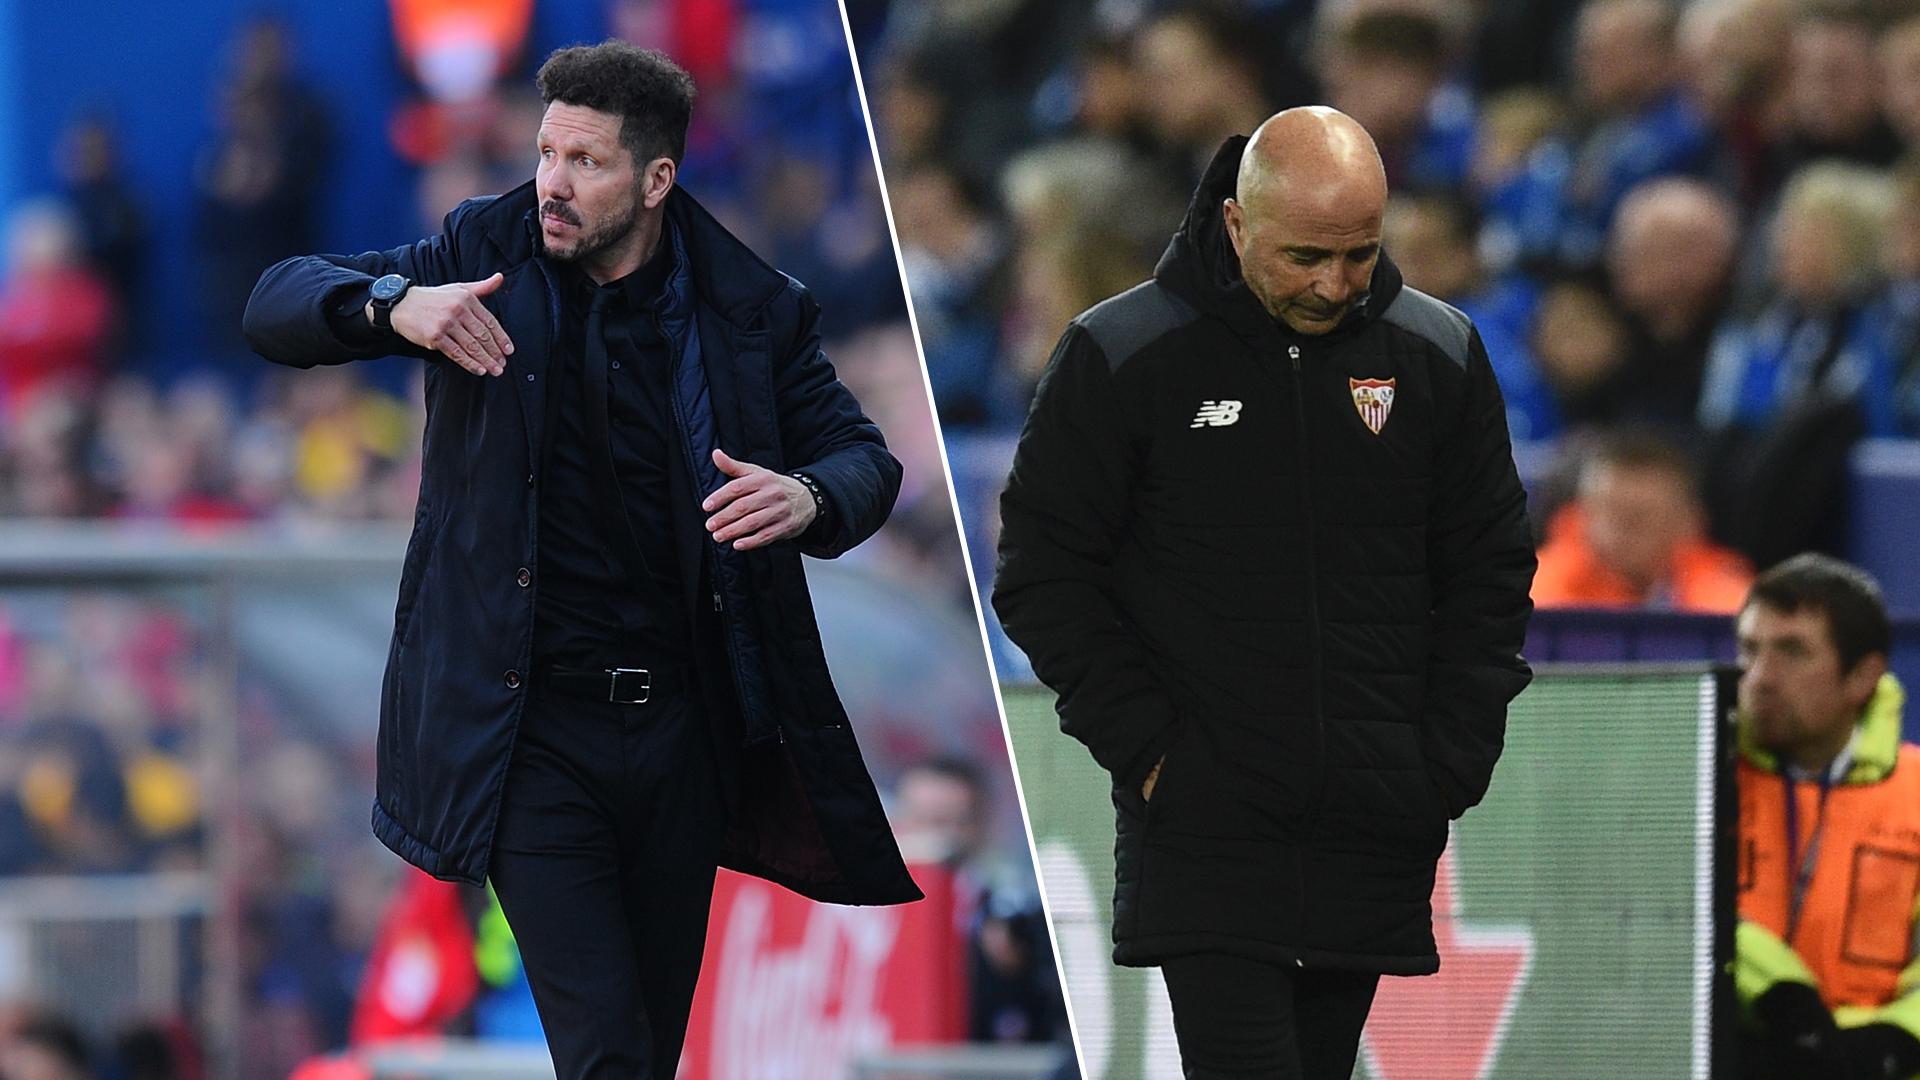 España: Atlético golpea Sevilla con un golazo y una asistencia de Griezmann